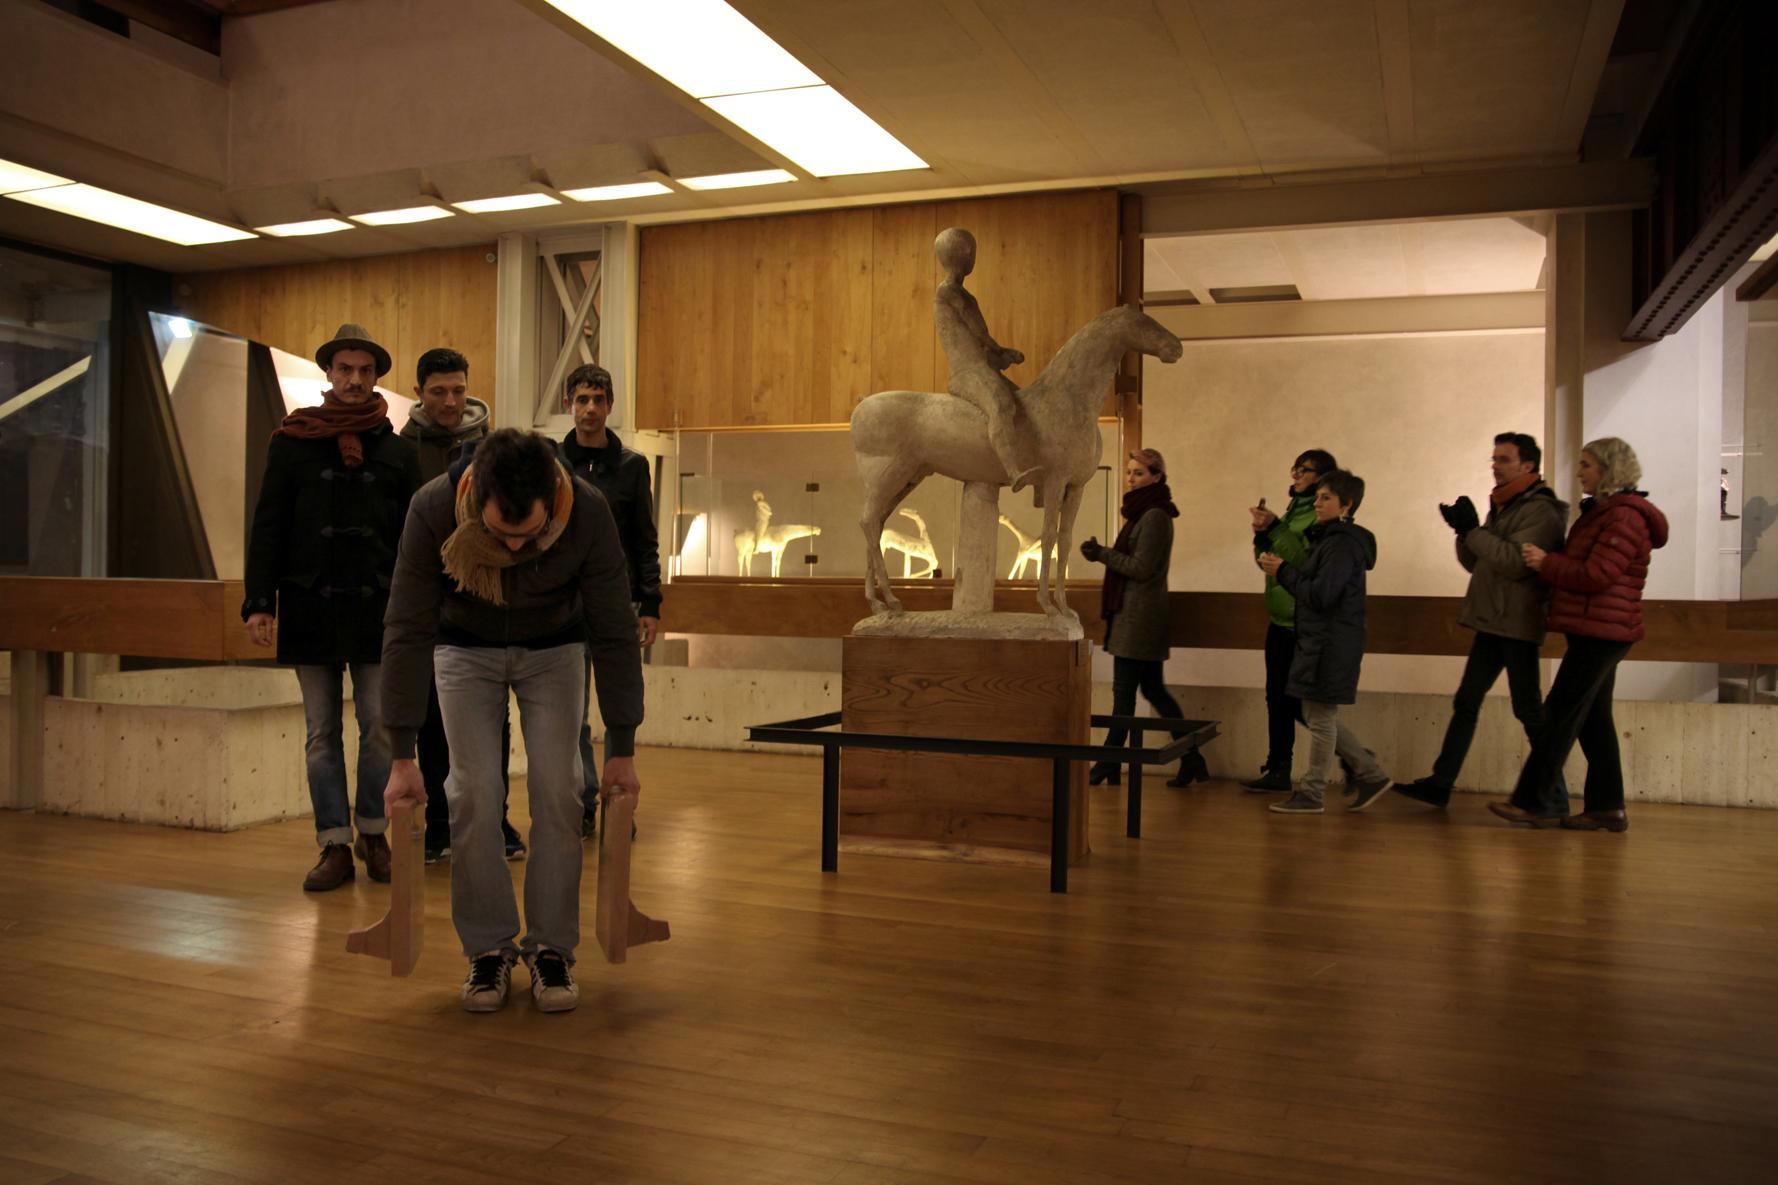 Italo Zuffi Masse trasportabili - performance Museo Marino Marini Firenze - dicembre 2013 - photo Dario Lasagni courtesy l'artista